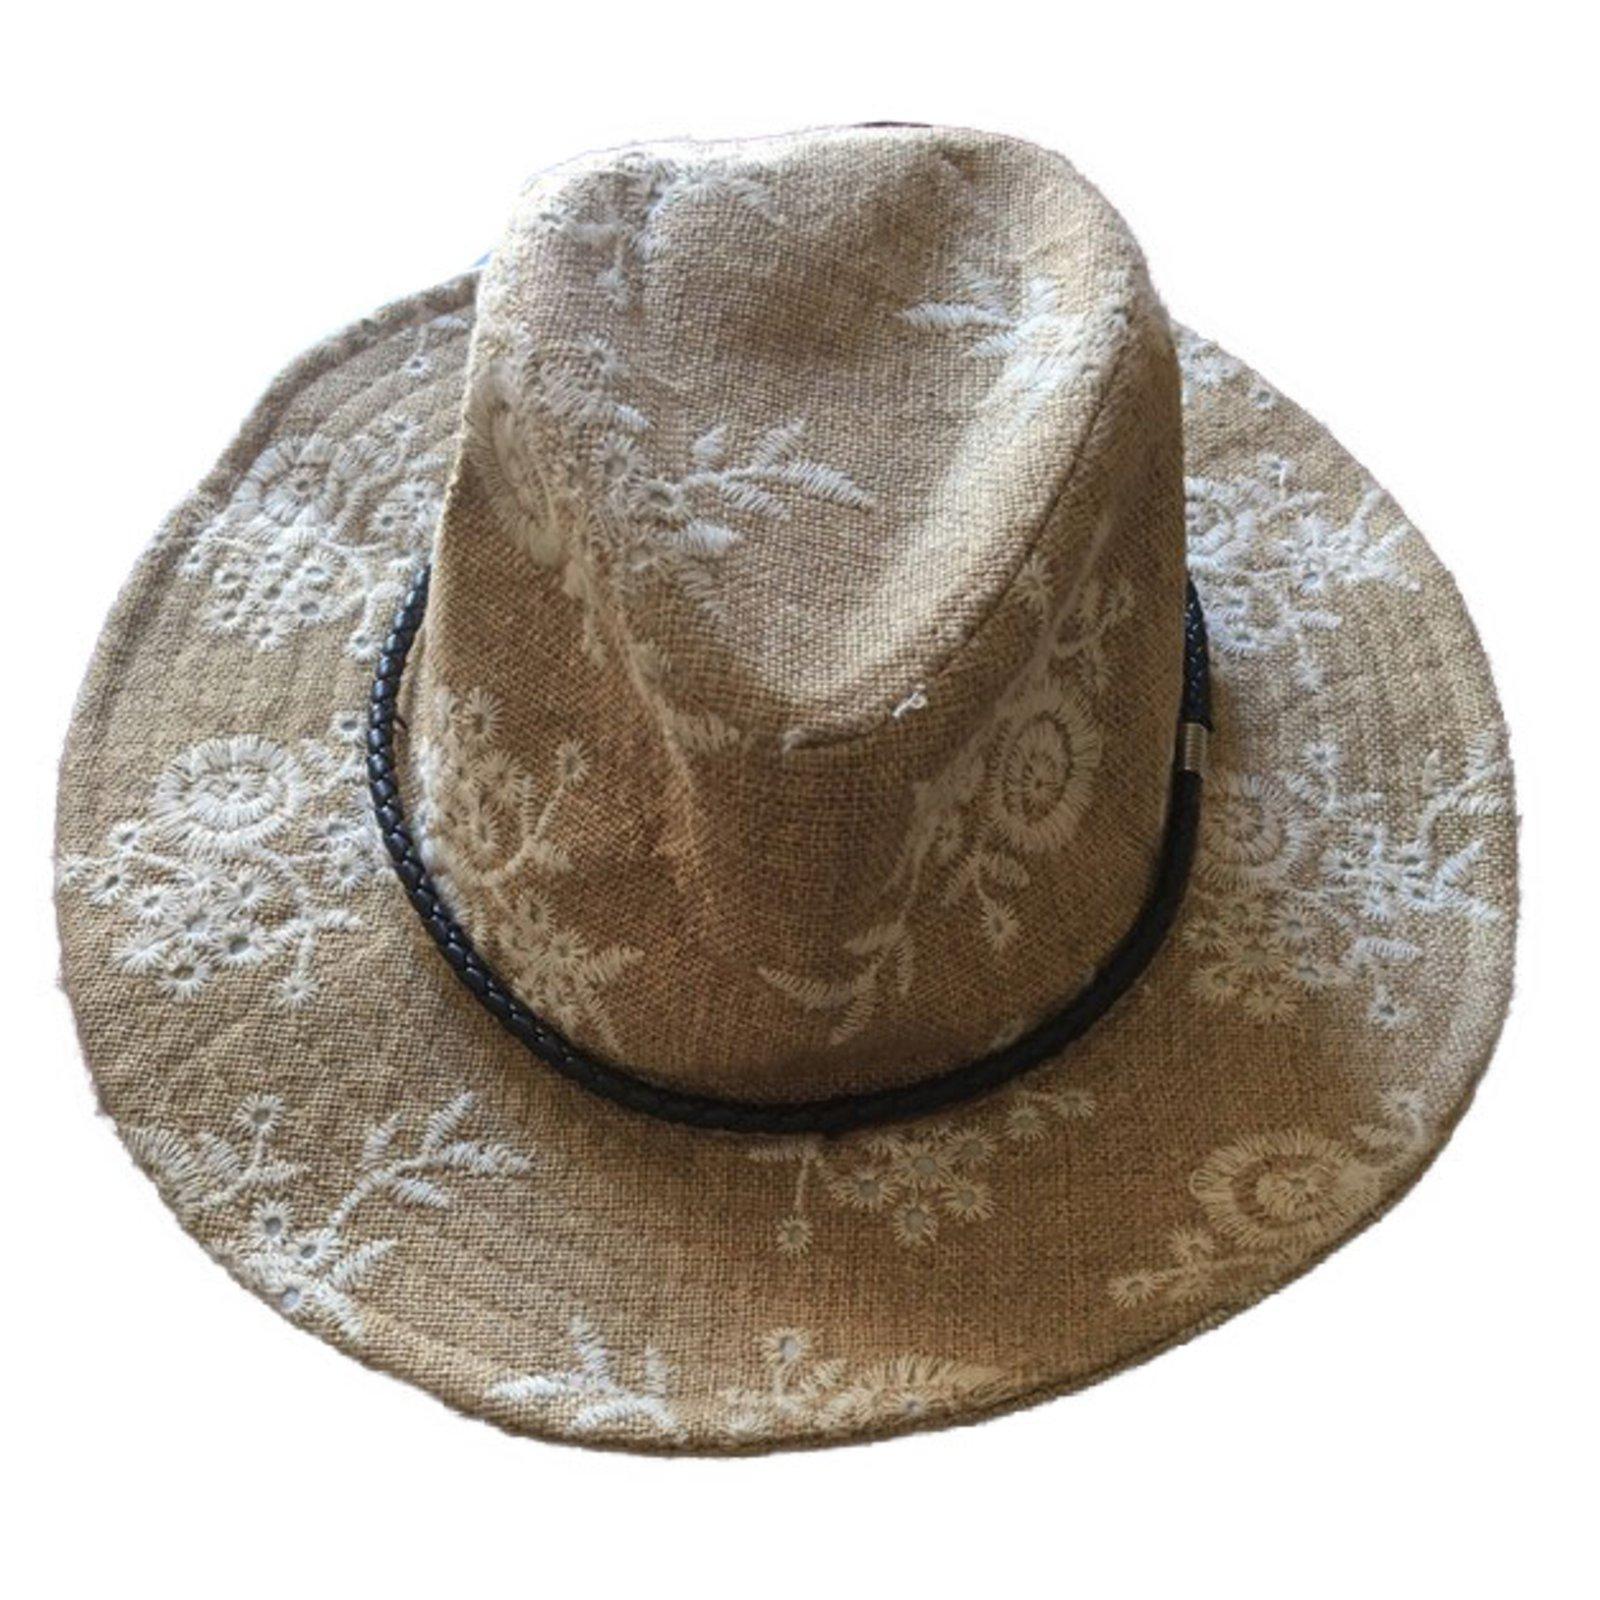 chapeaux inconnue chapeau style borsalino coton noir blanc. Black Bedroom Furniture Sets. Home Design Ideas